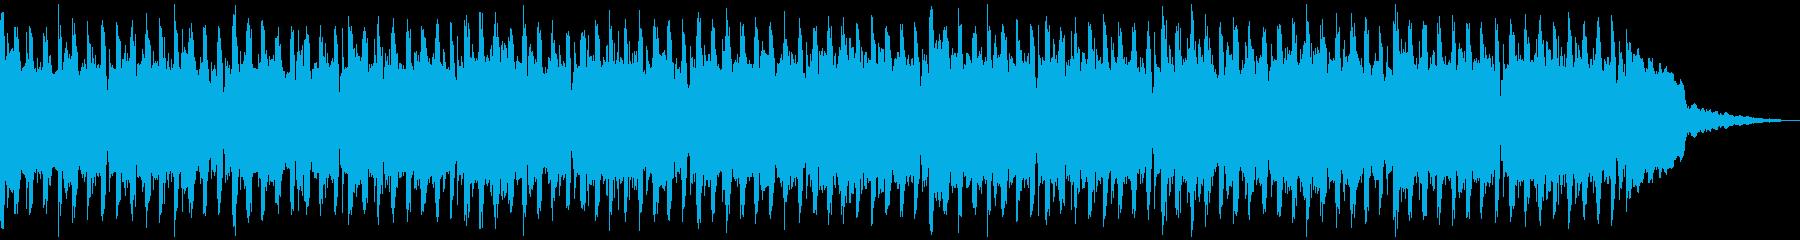 代替案 ポップ アクティブ 明るい...の再生済みの波形